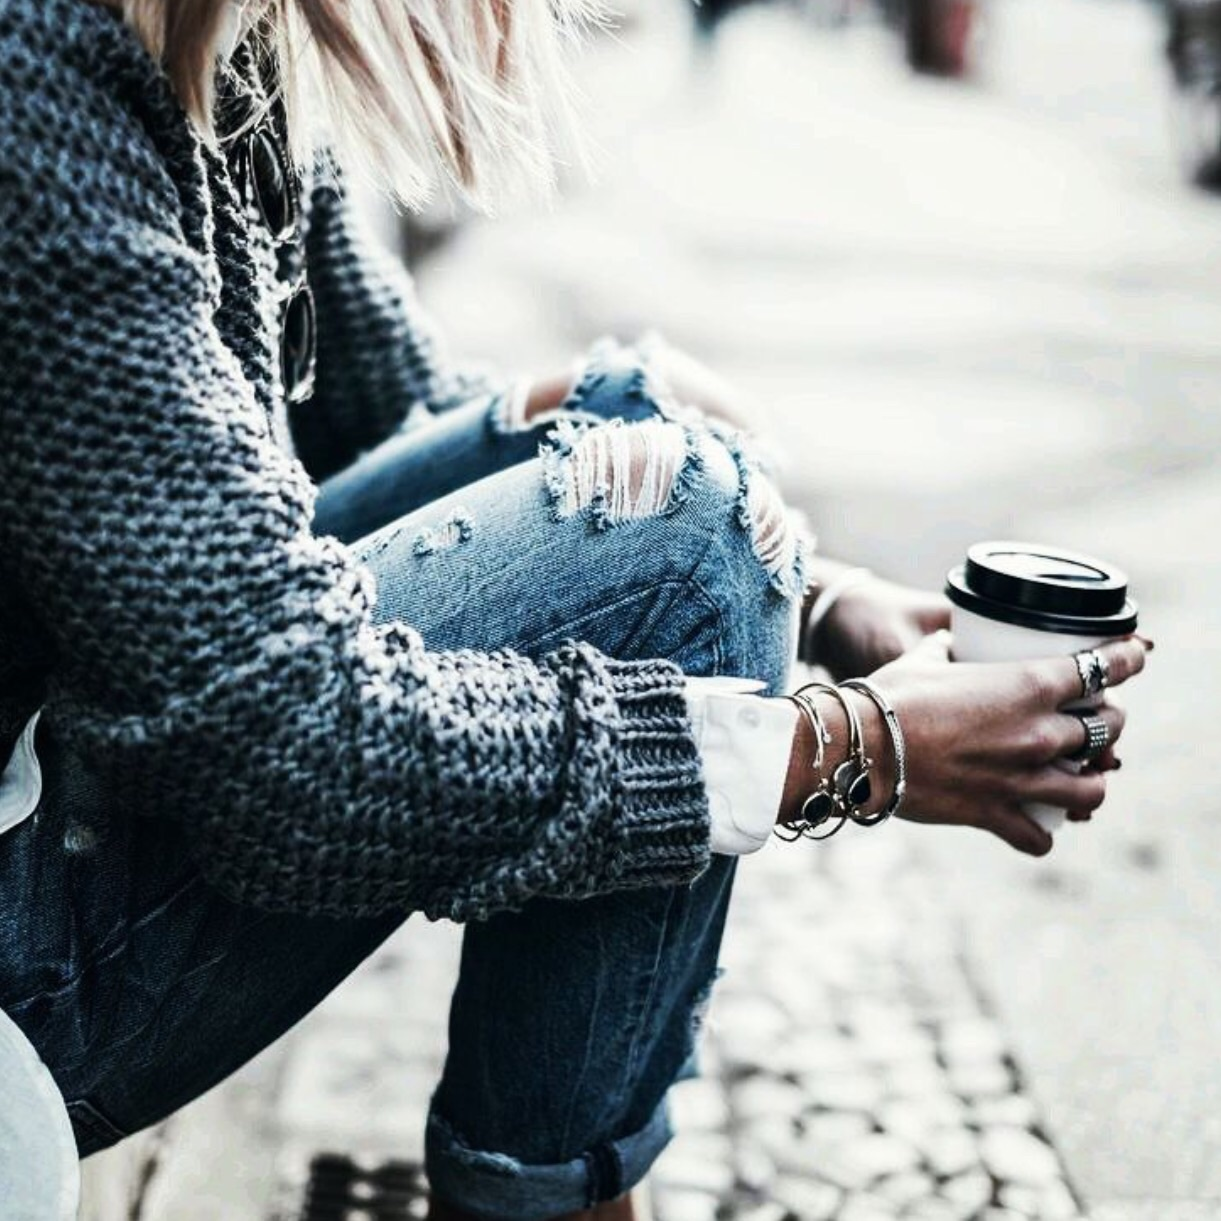 Модные рваные джинсы 2017 со свитером крупной вязки